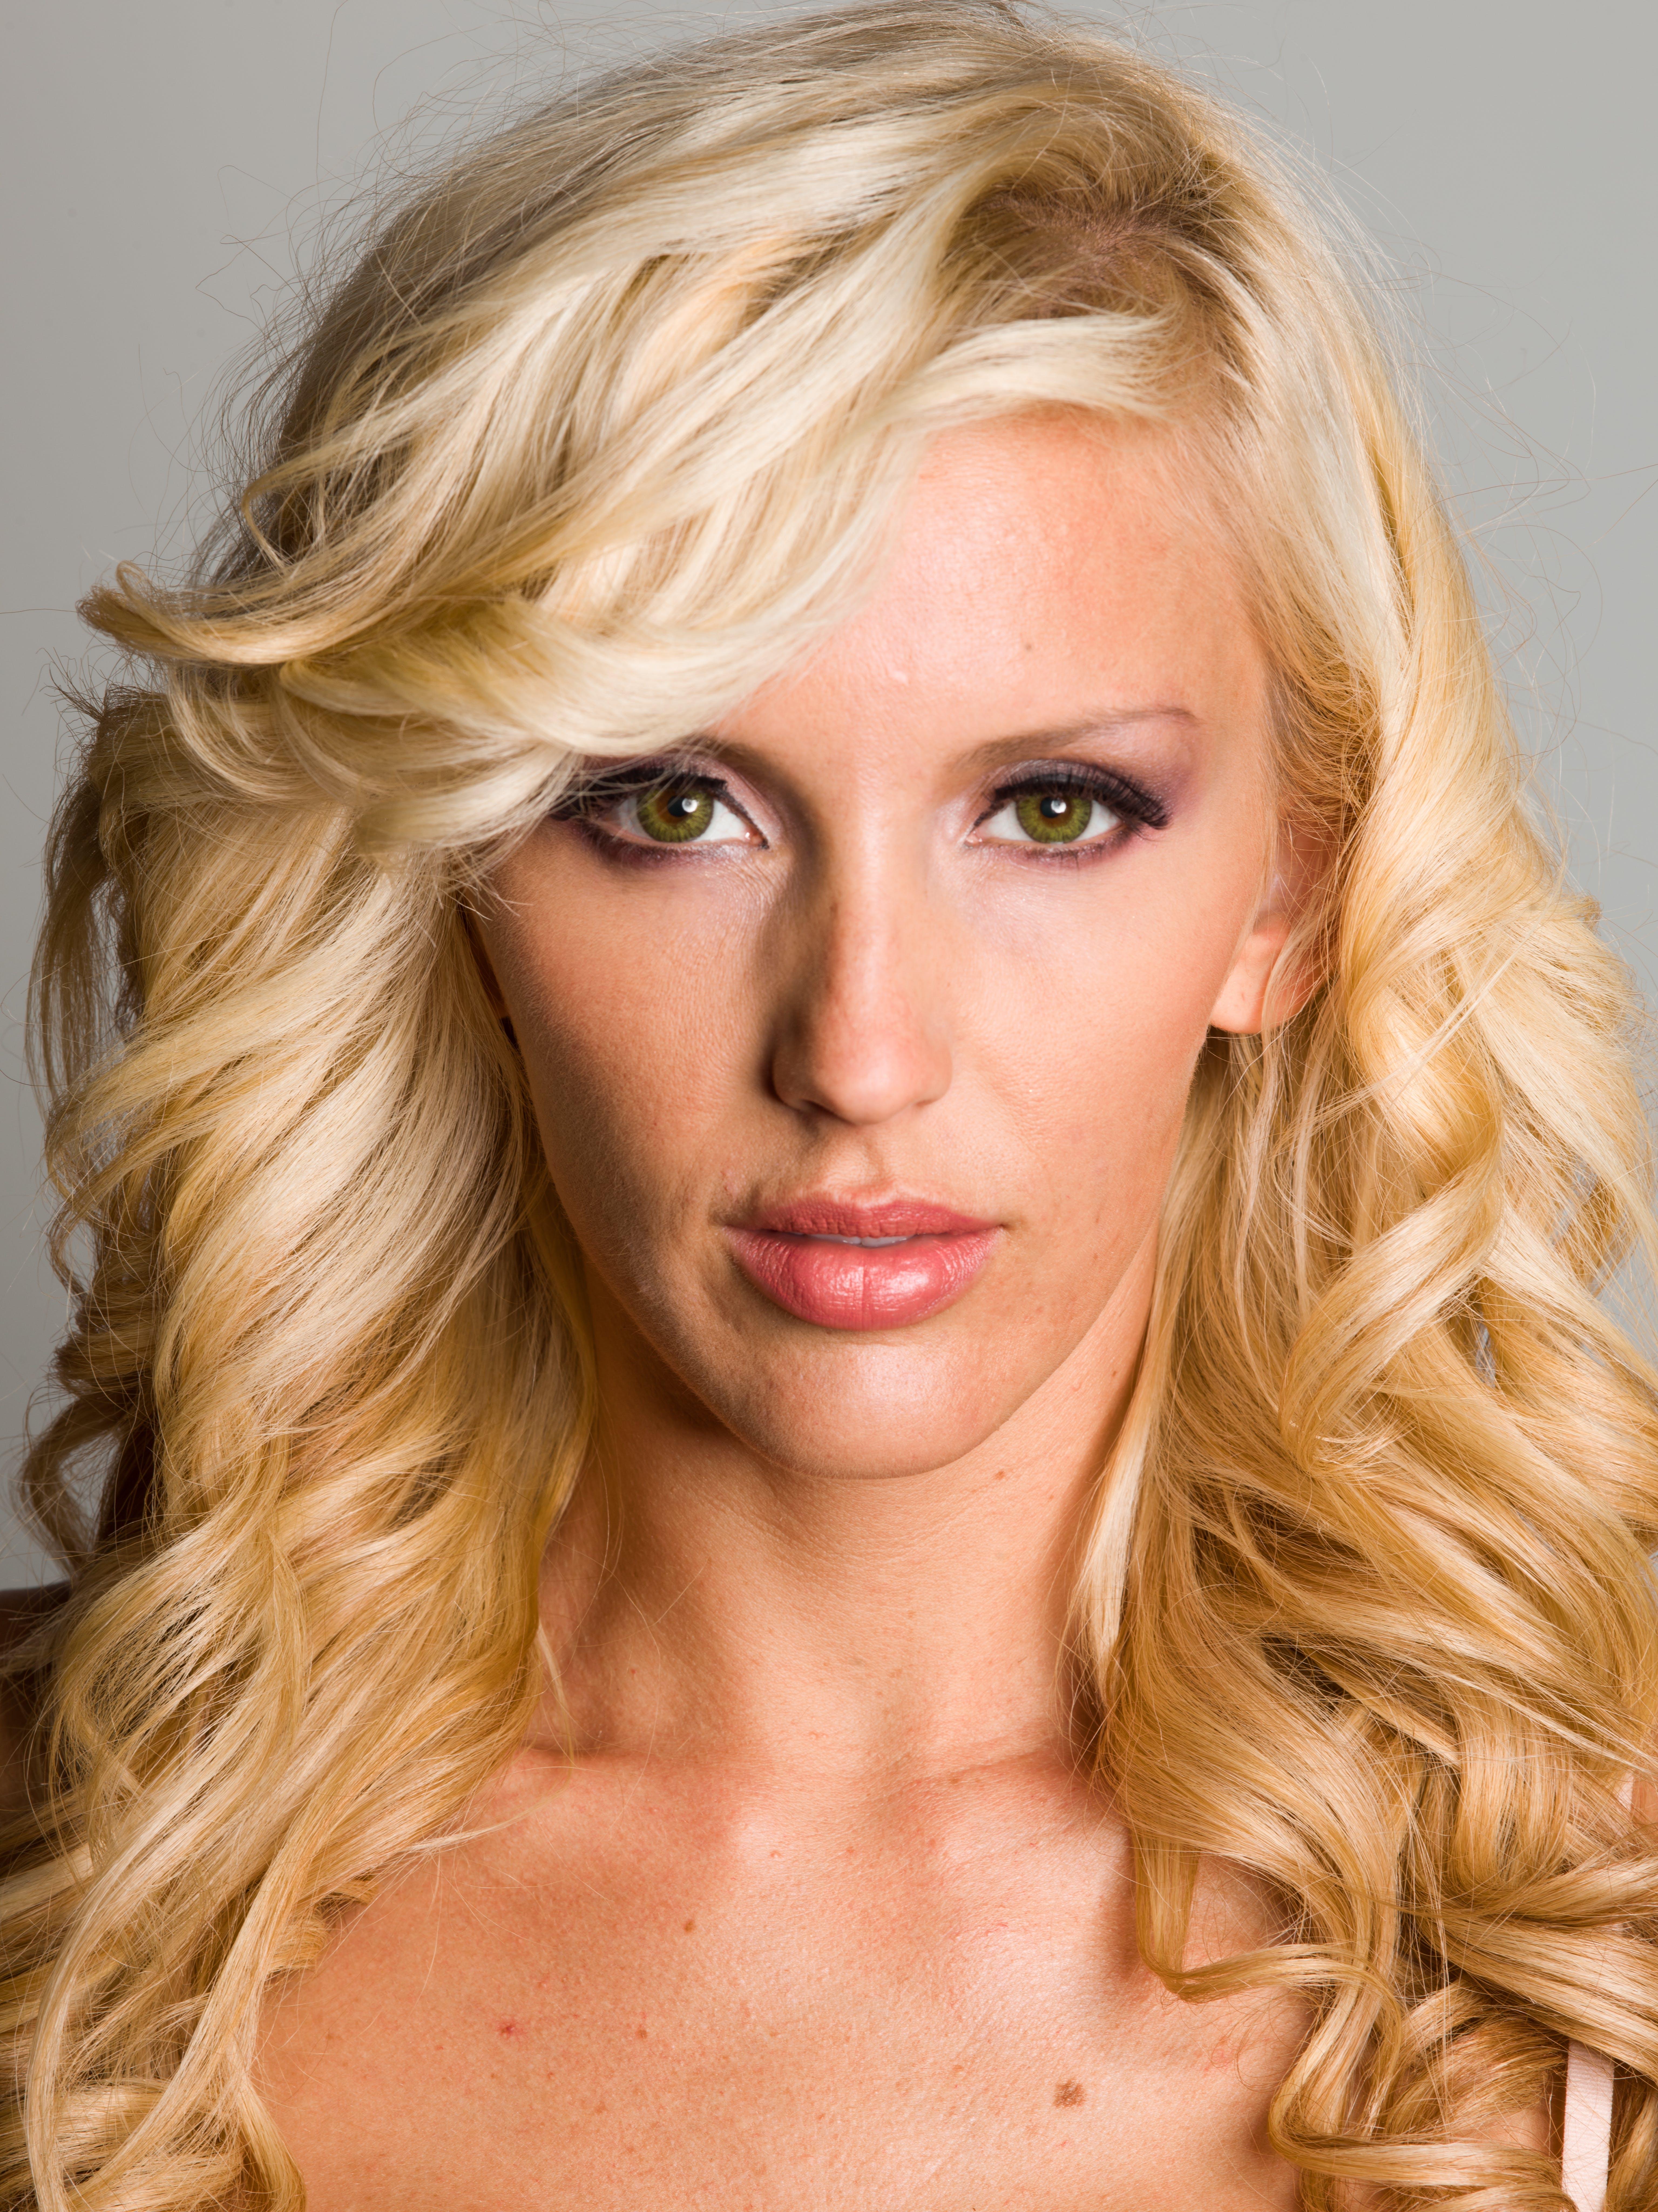 Portrait Photo of Blonde Woman